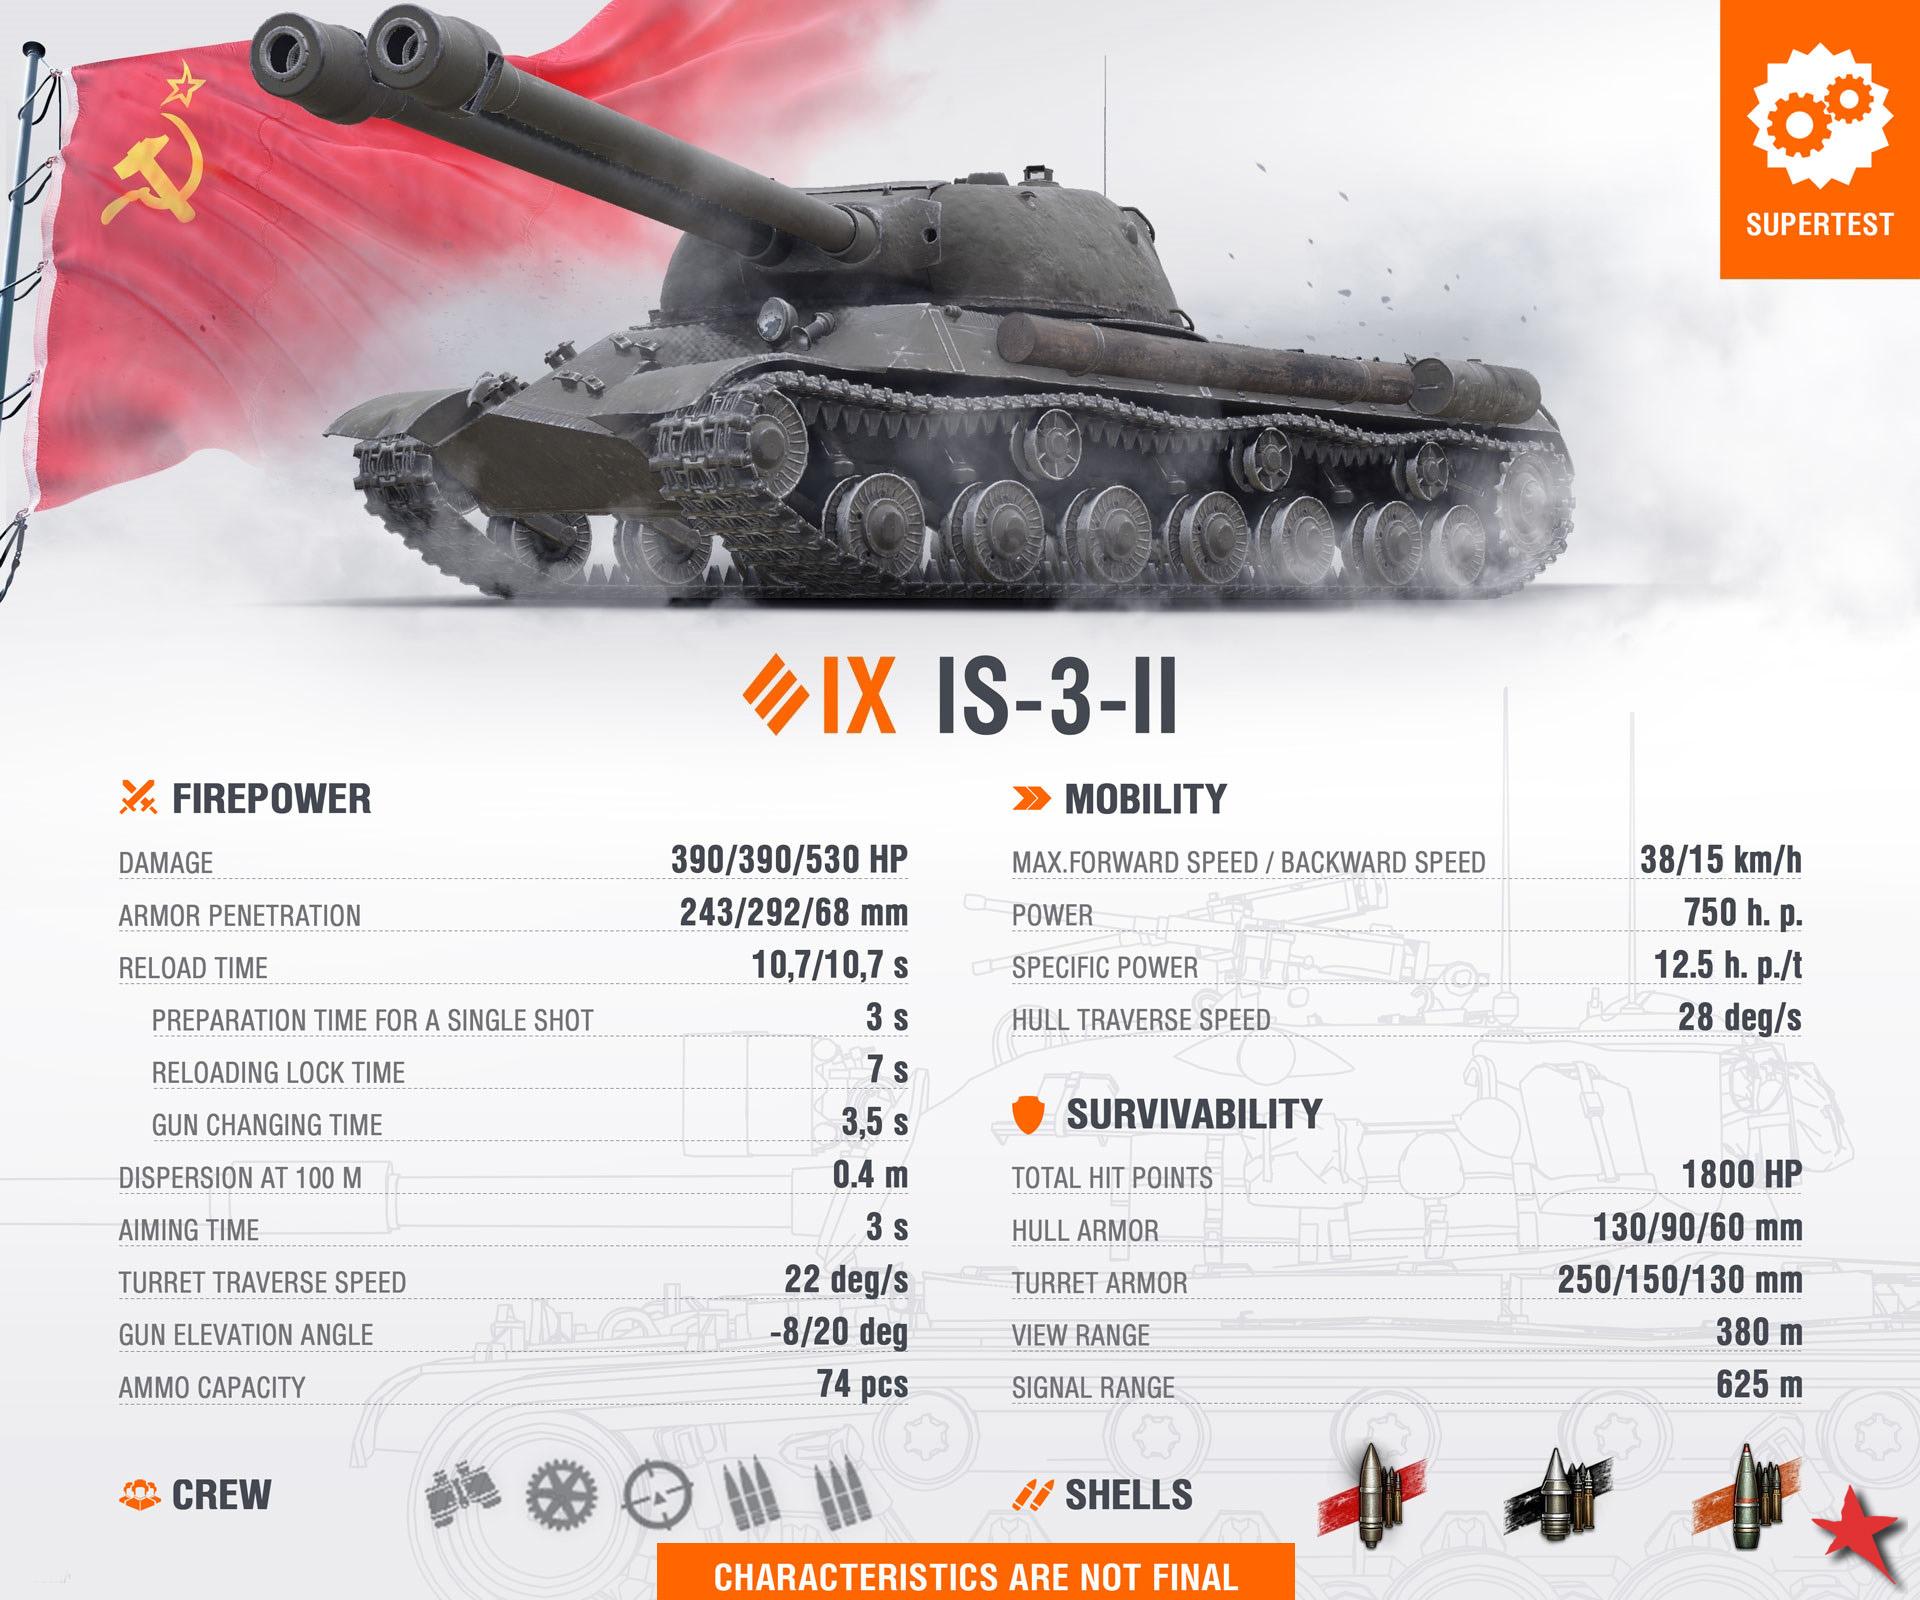 IS-3-II